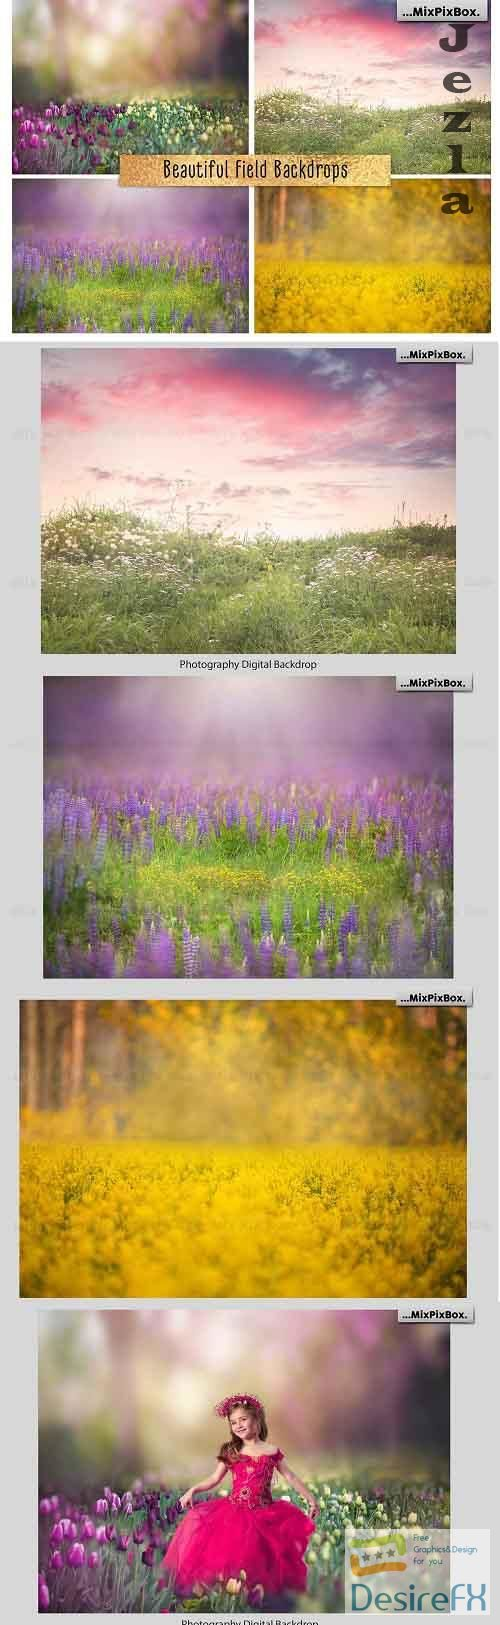 Beautiful Field Backdrops - 4970510